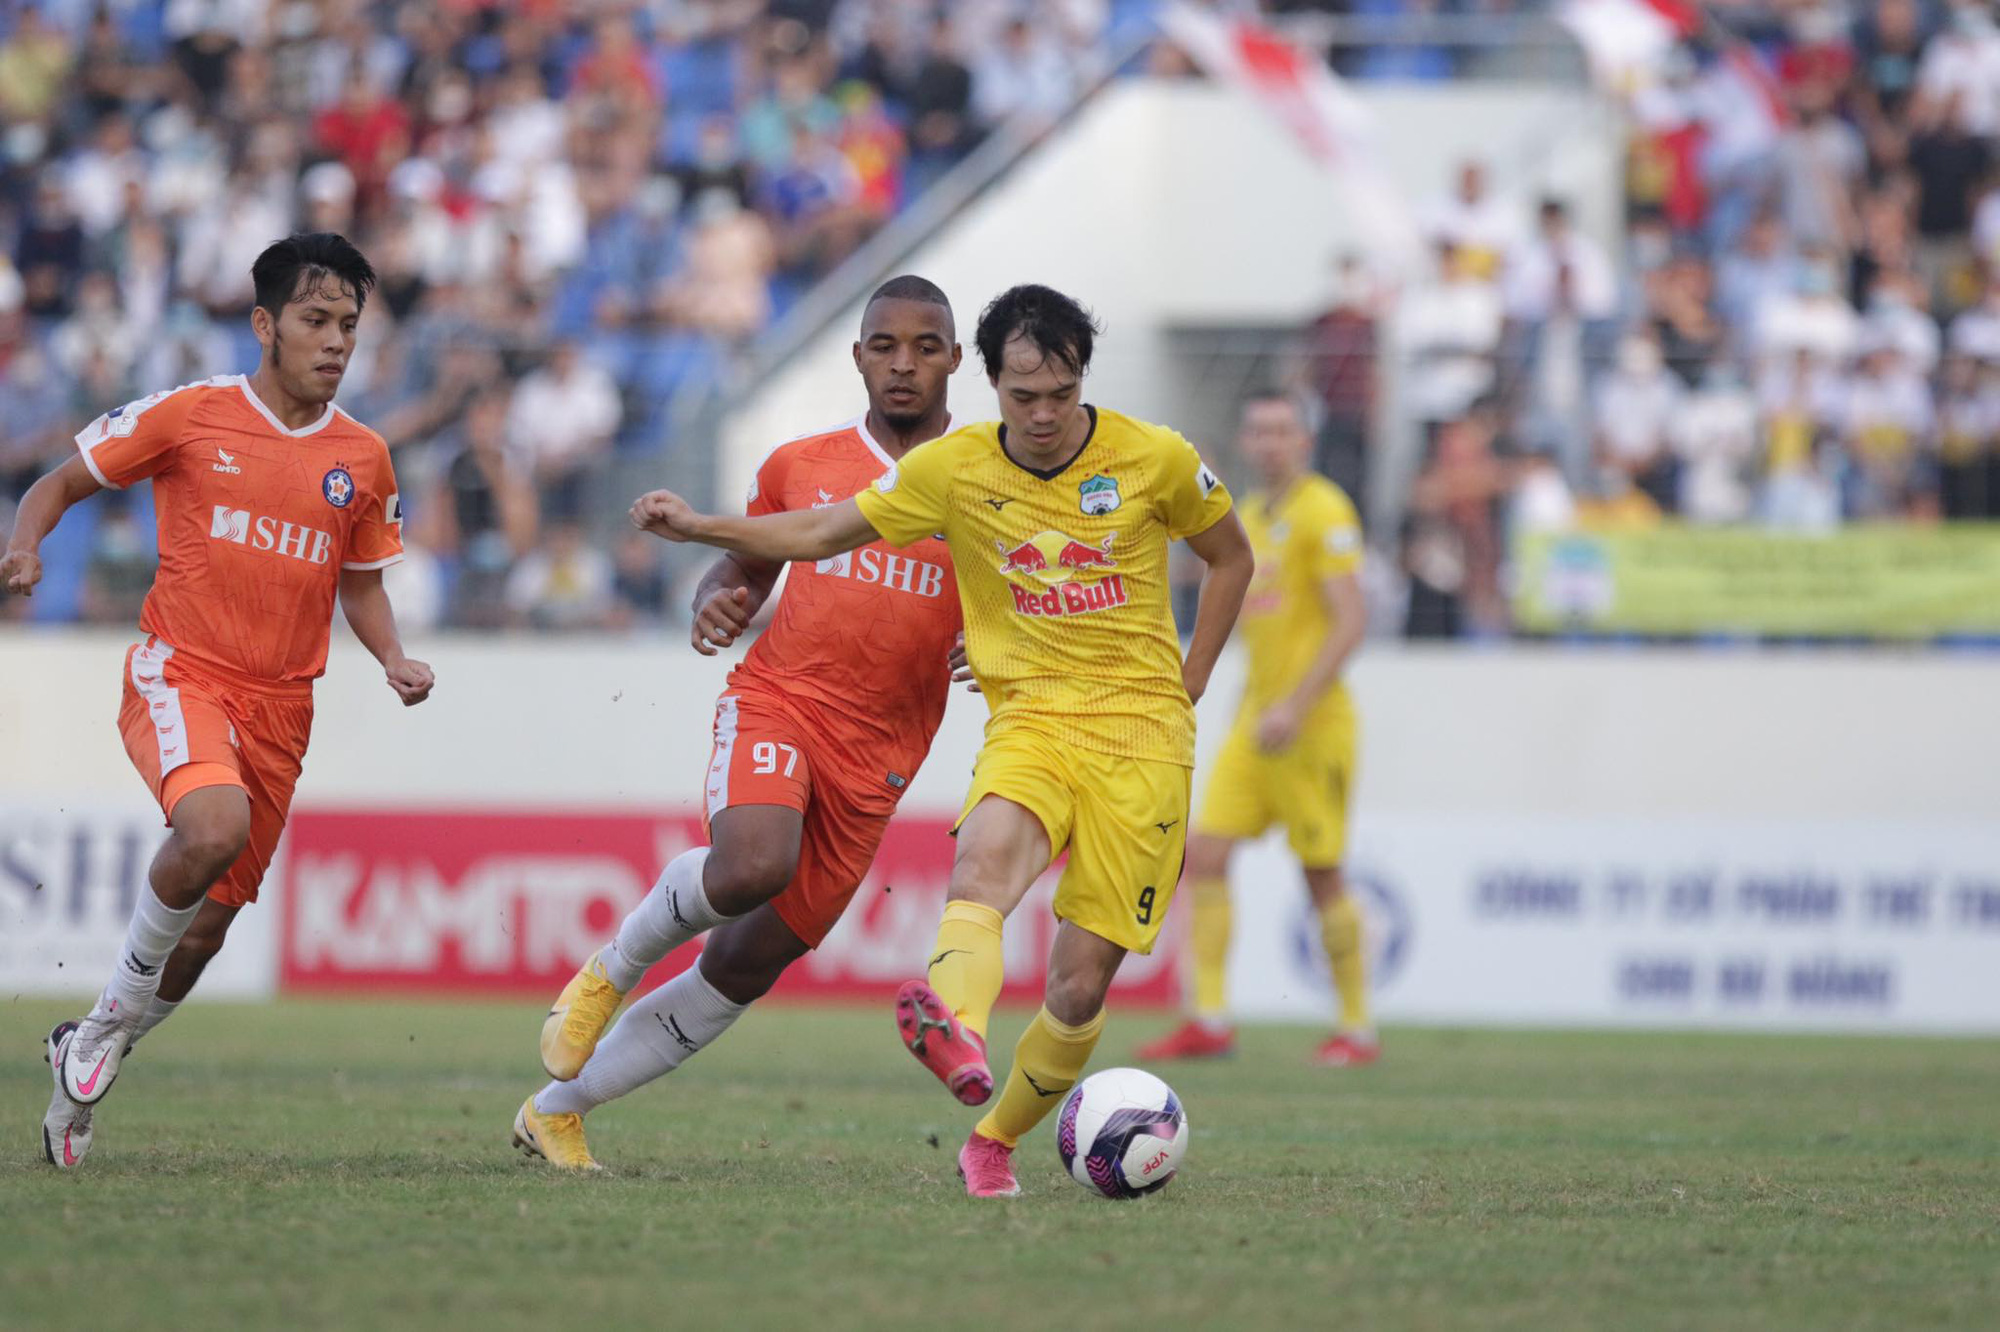 Văn Toàn ghi bàn mở tỷ số cho HAGL trước chủ nhà SHB.Đà Nẵng ở vòng 8 V.League 2021. Ảnh: 24h